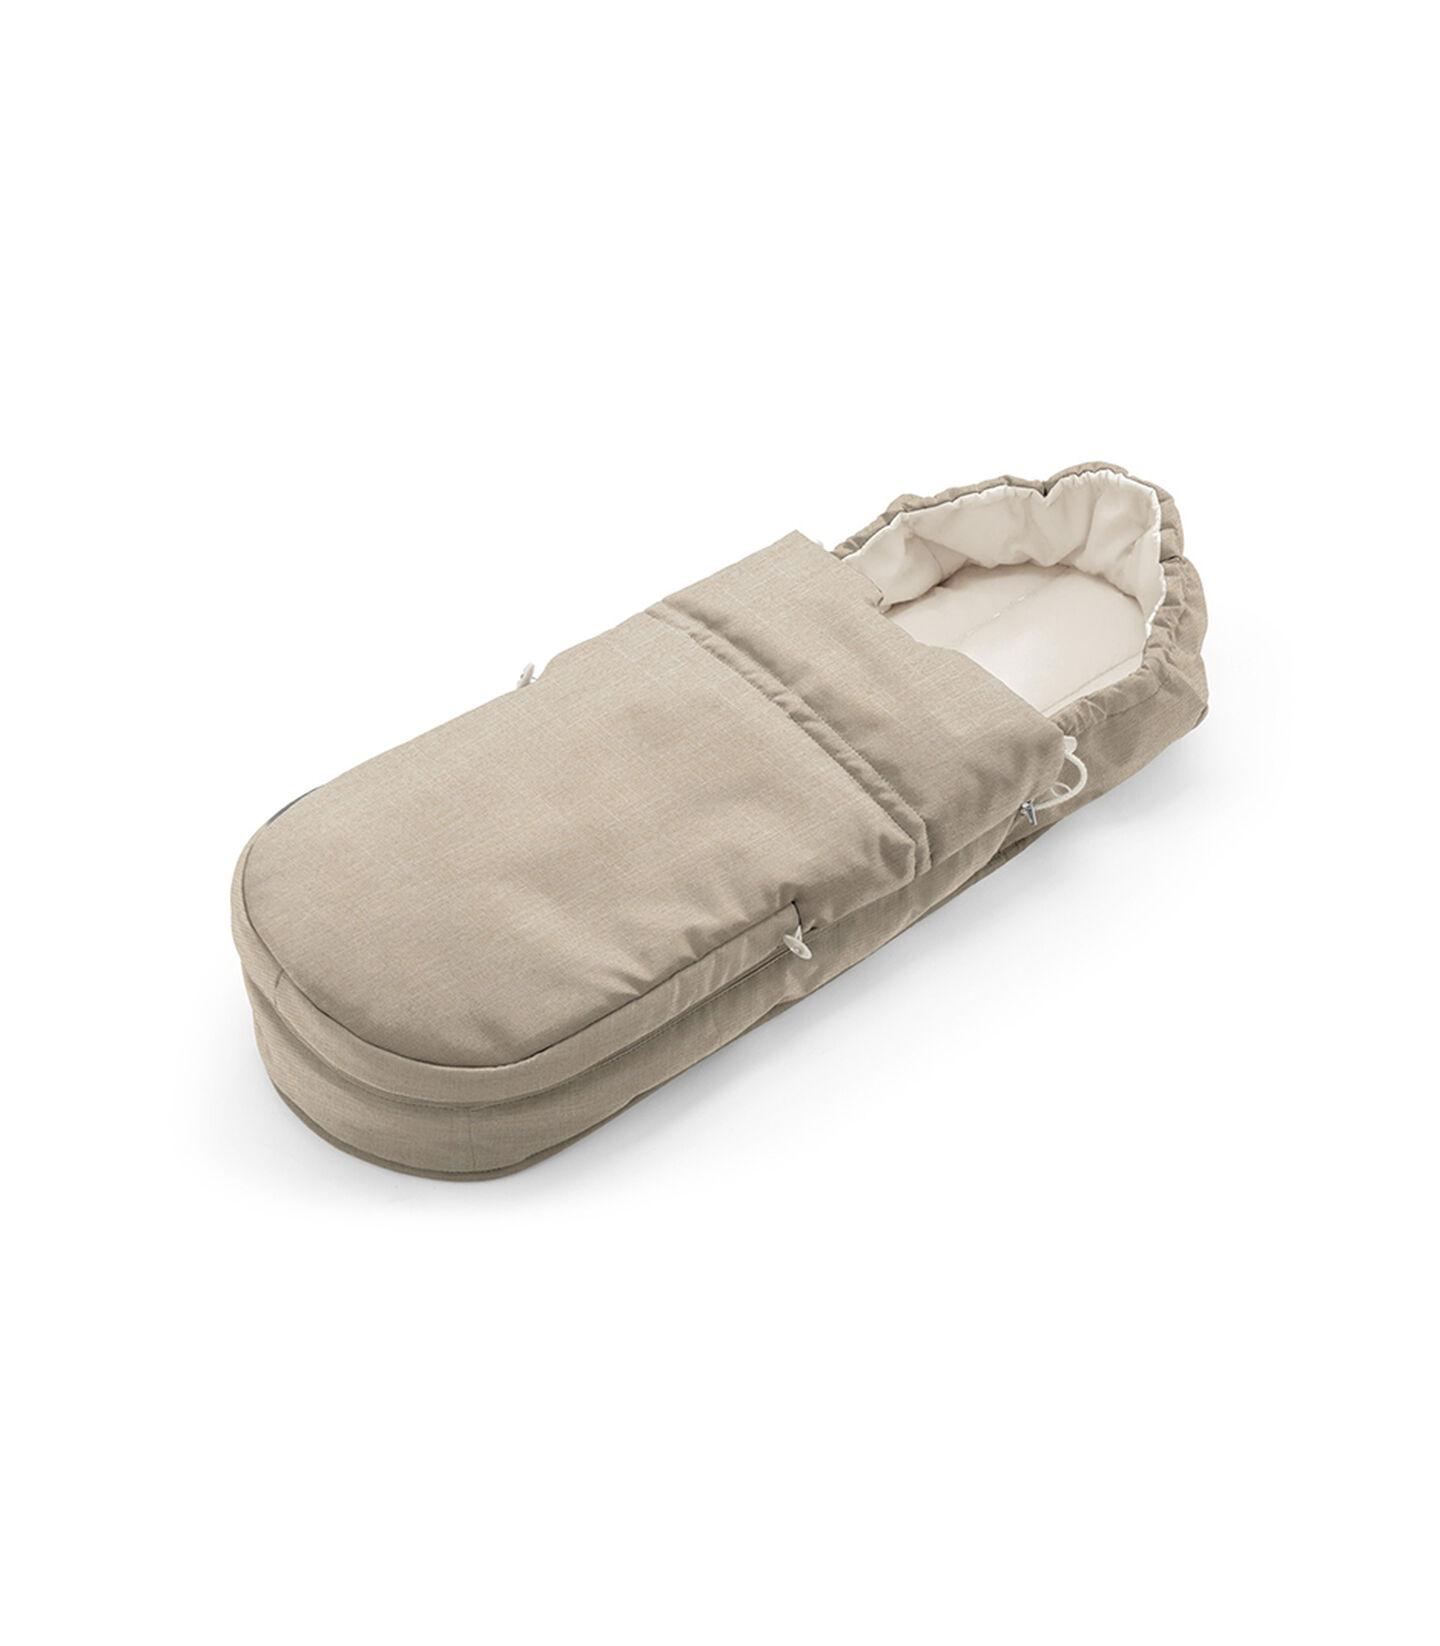 Accessories. Soft Bag, Beige Melange. view 1